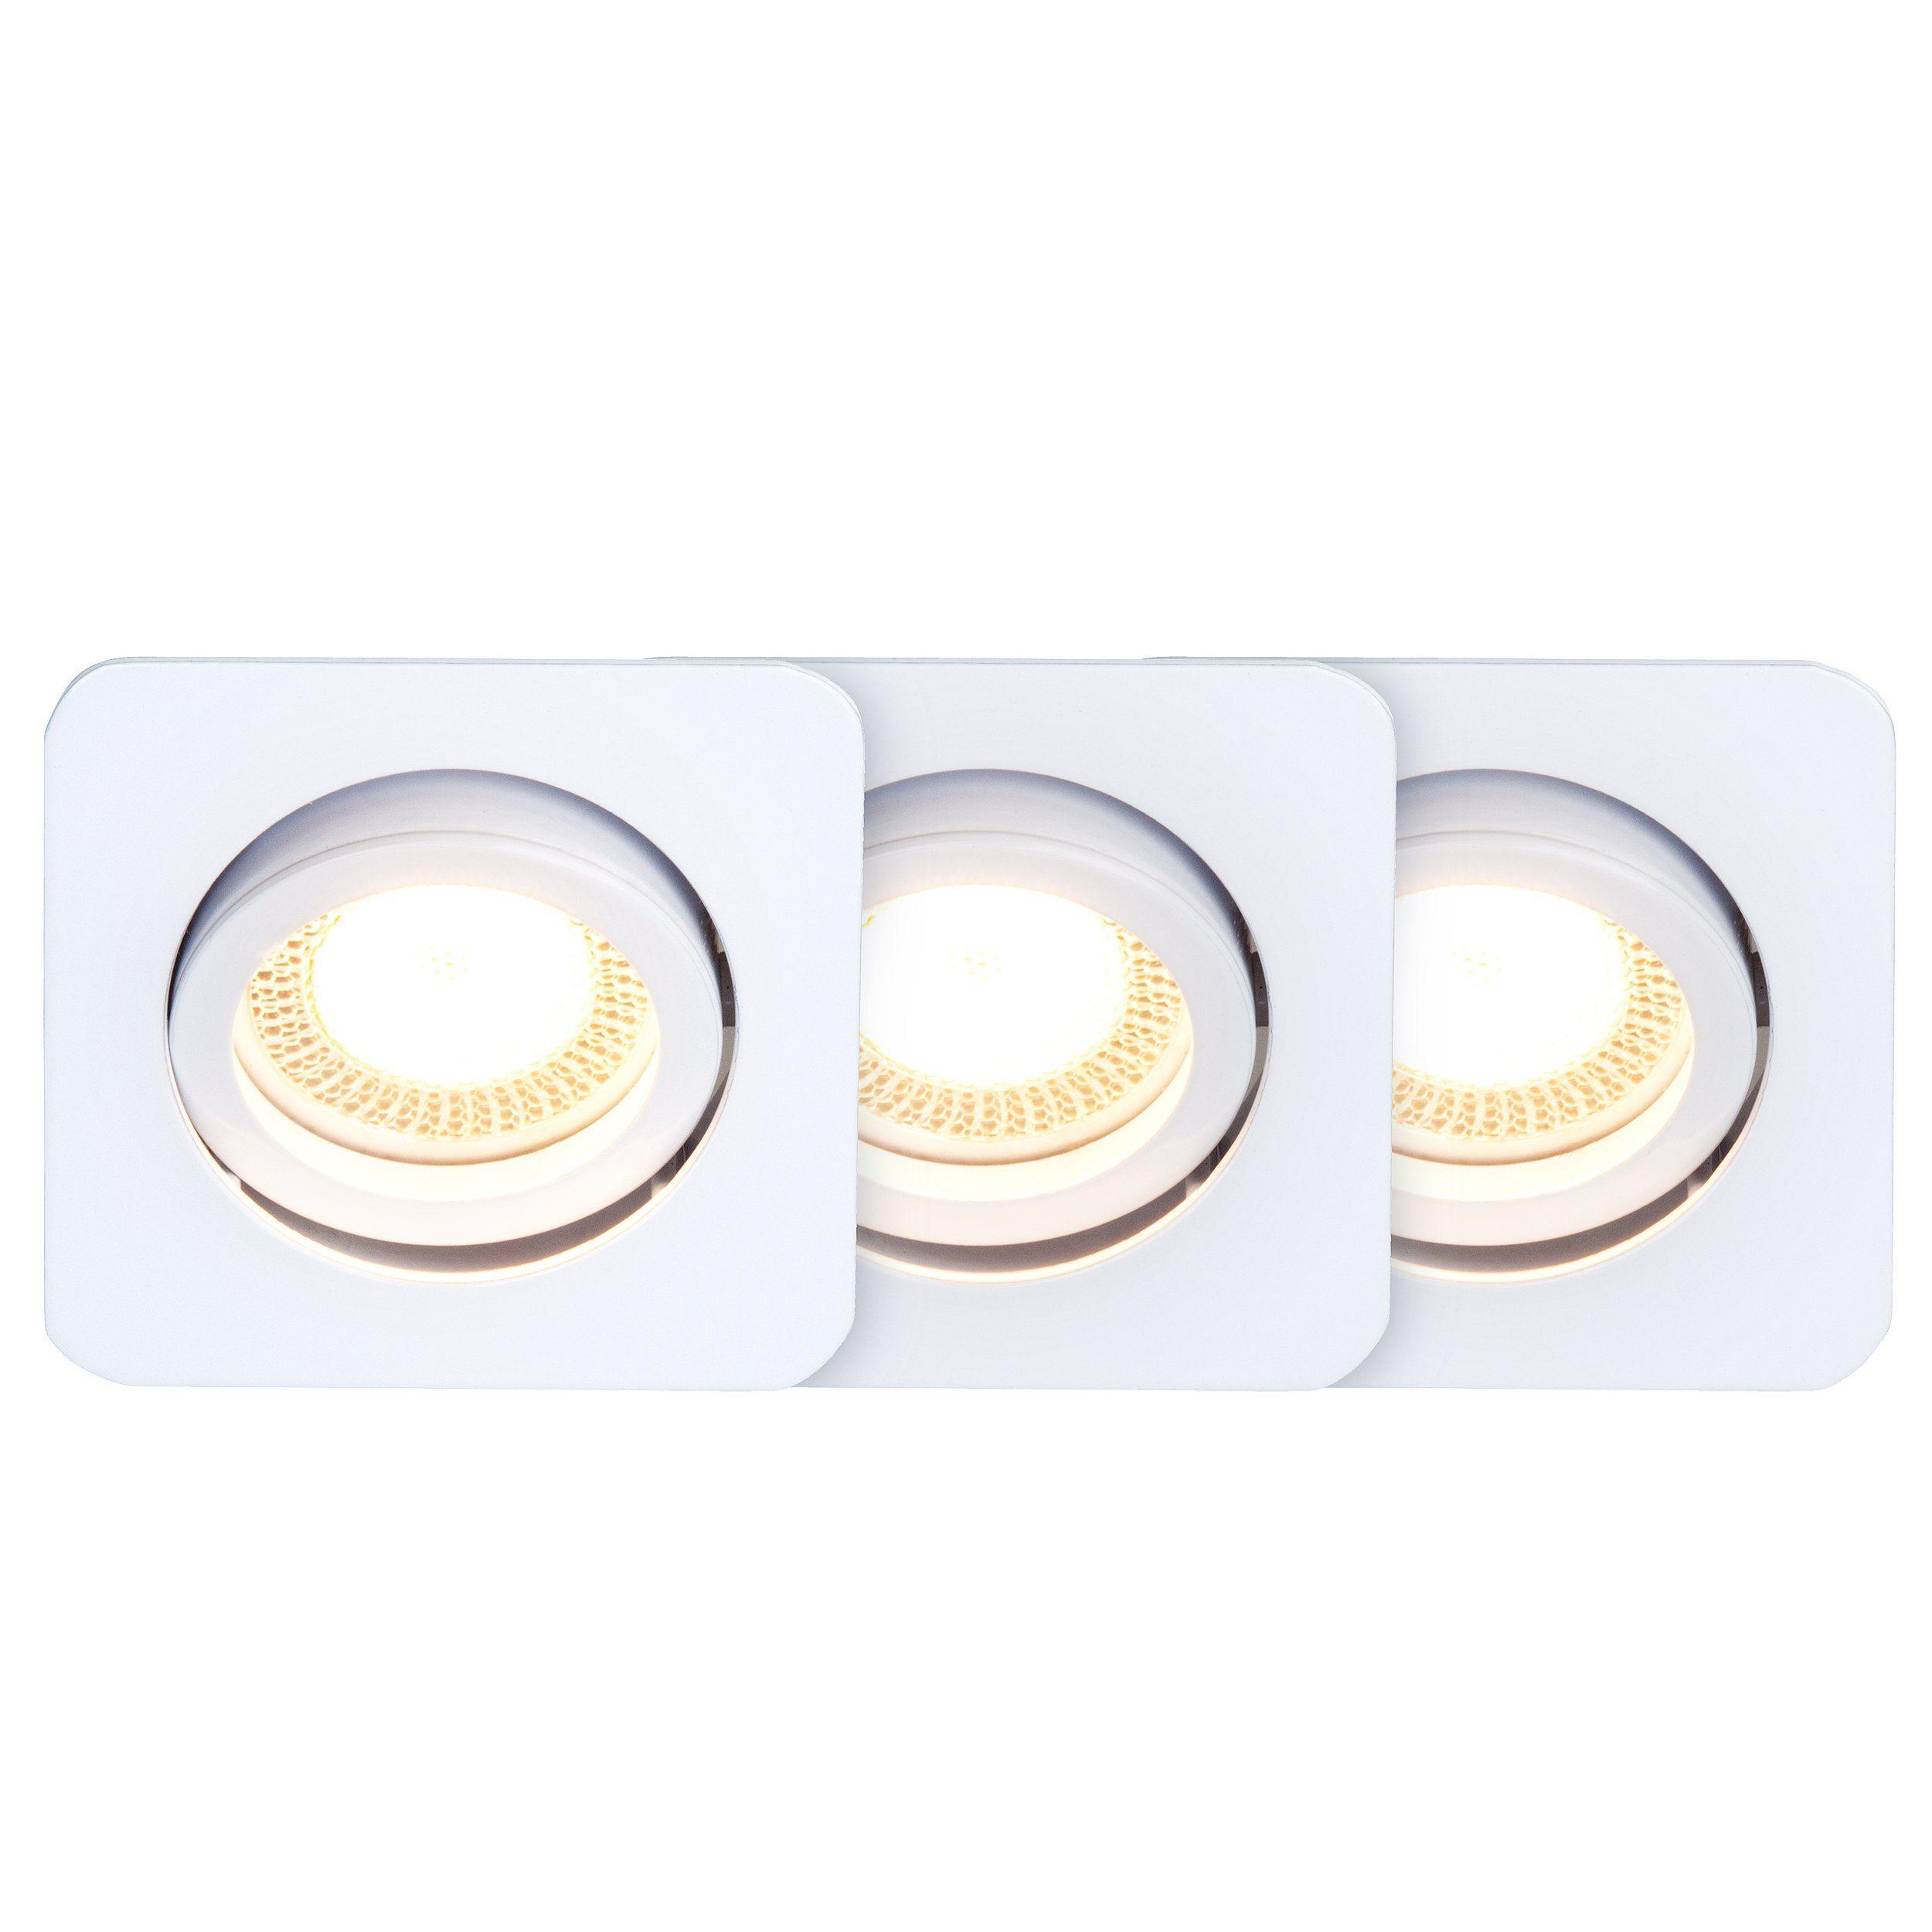 Brilliant Leuchten Easy Clip LED Einbauleuchtenset: 3St schwenkbar weiß quadr.